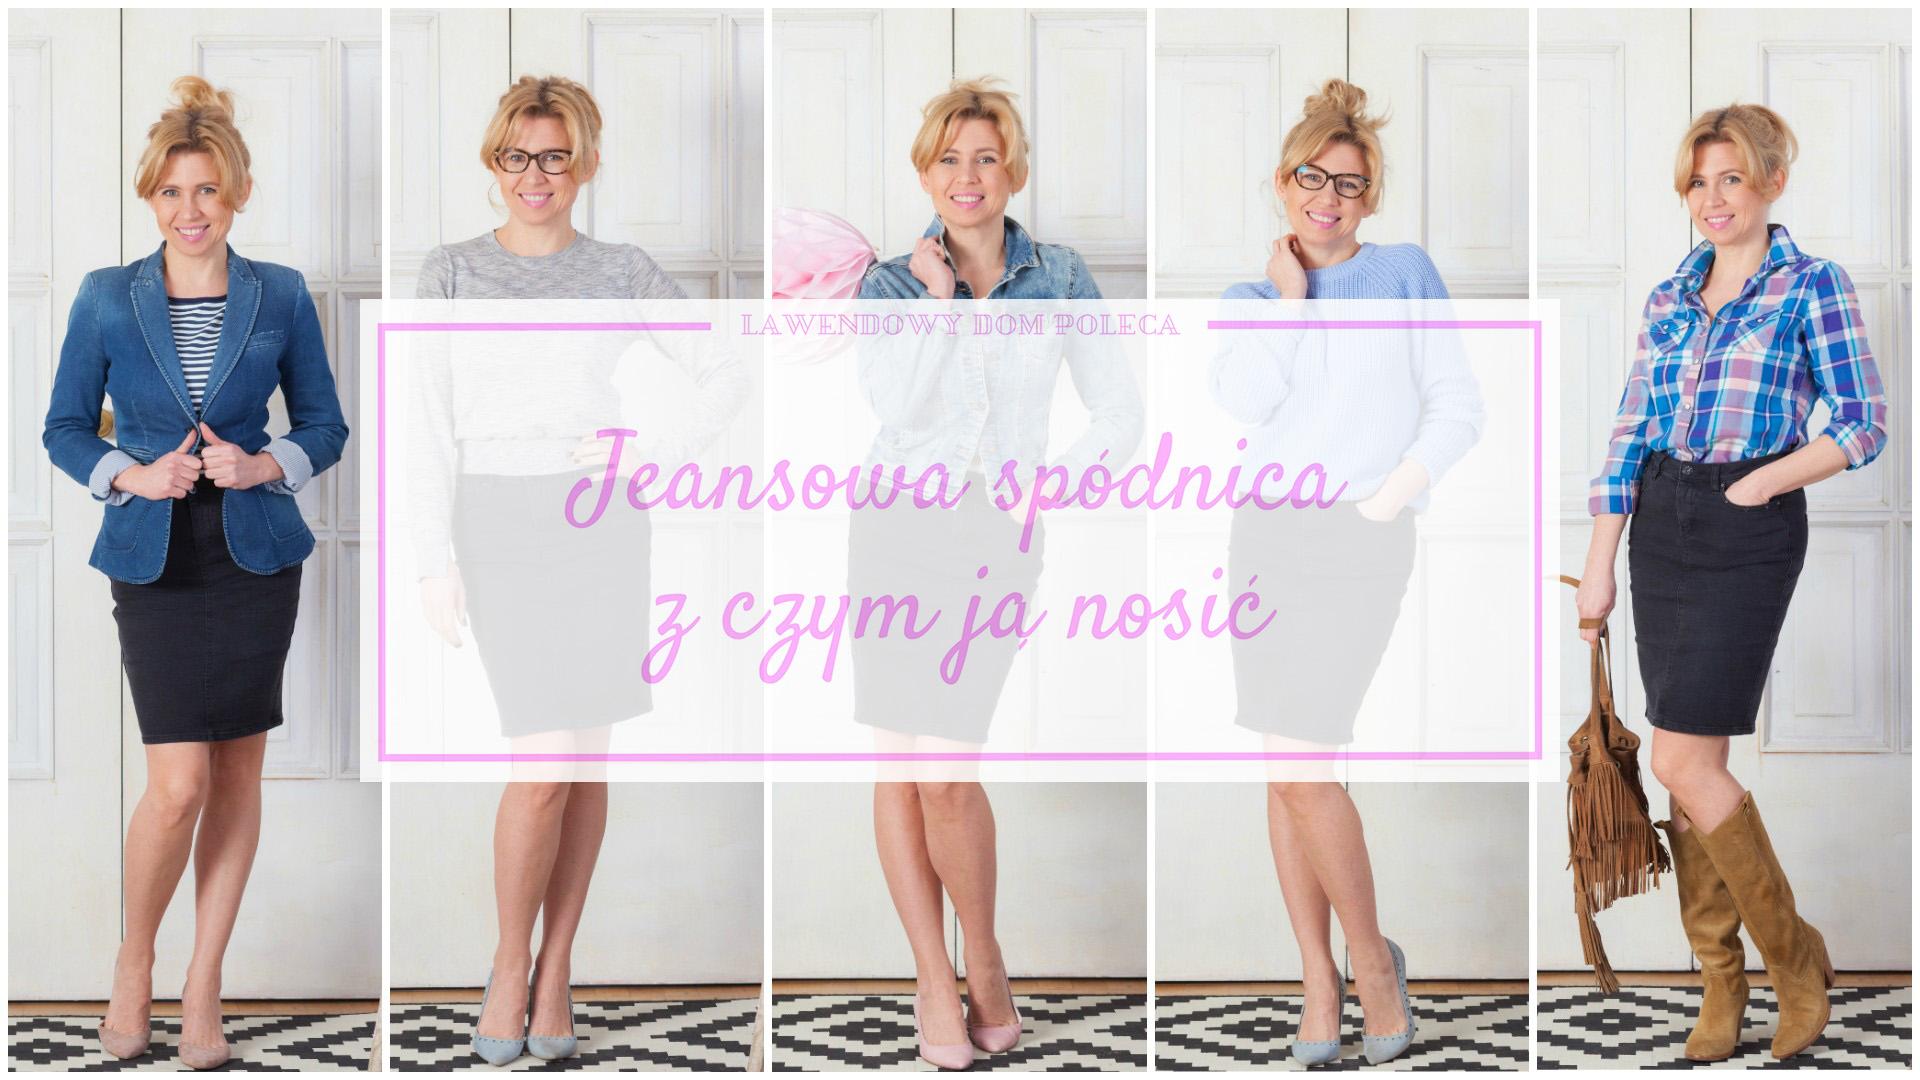 Jeansowa spódnica – z czym ją nosić? Jedna spódnica i 5 różnych stylizacji!